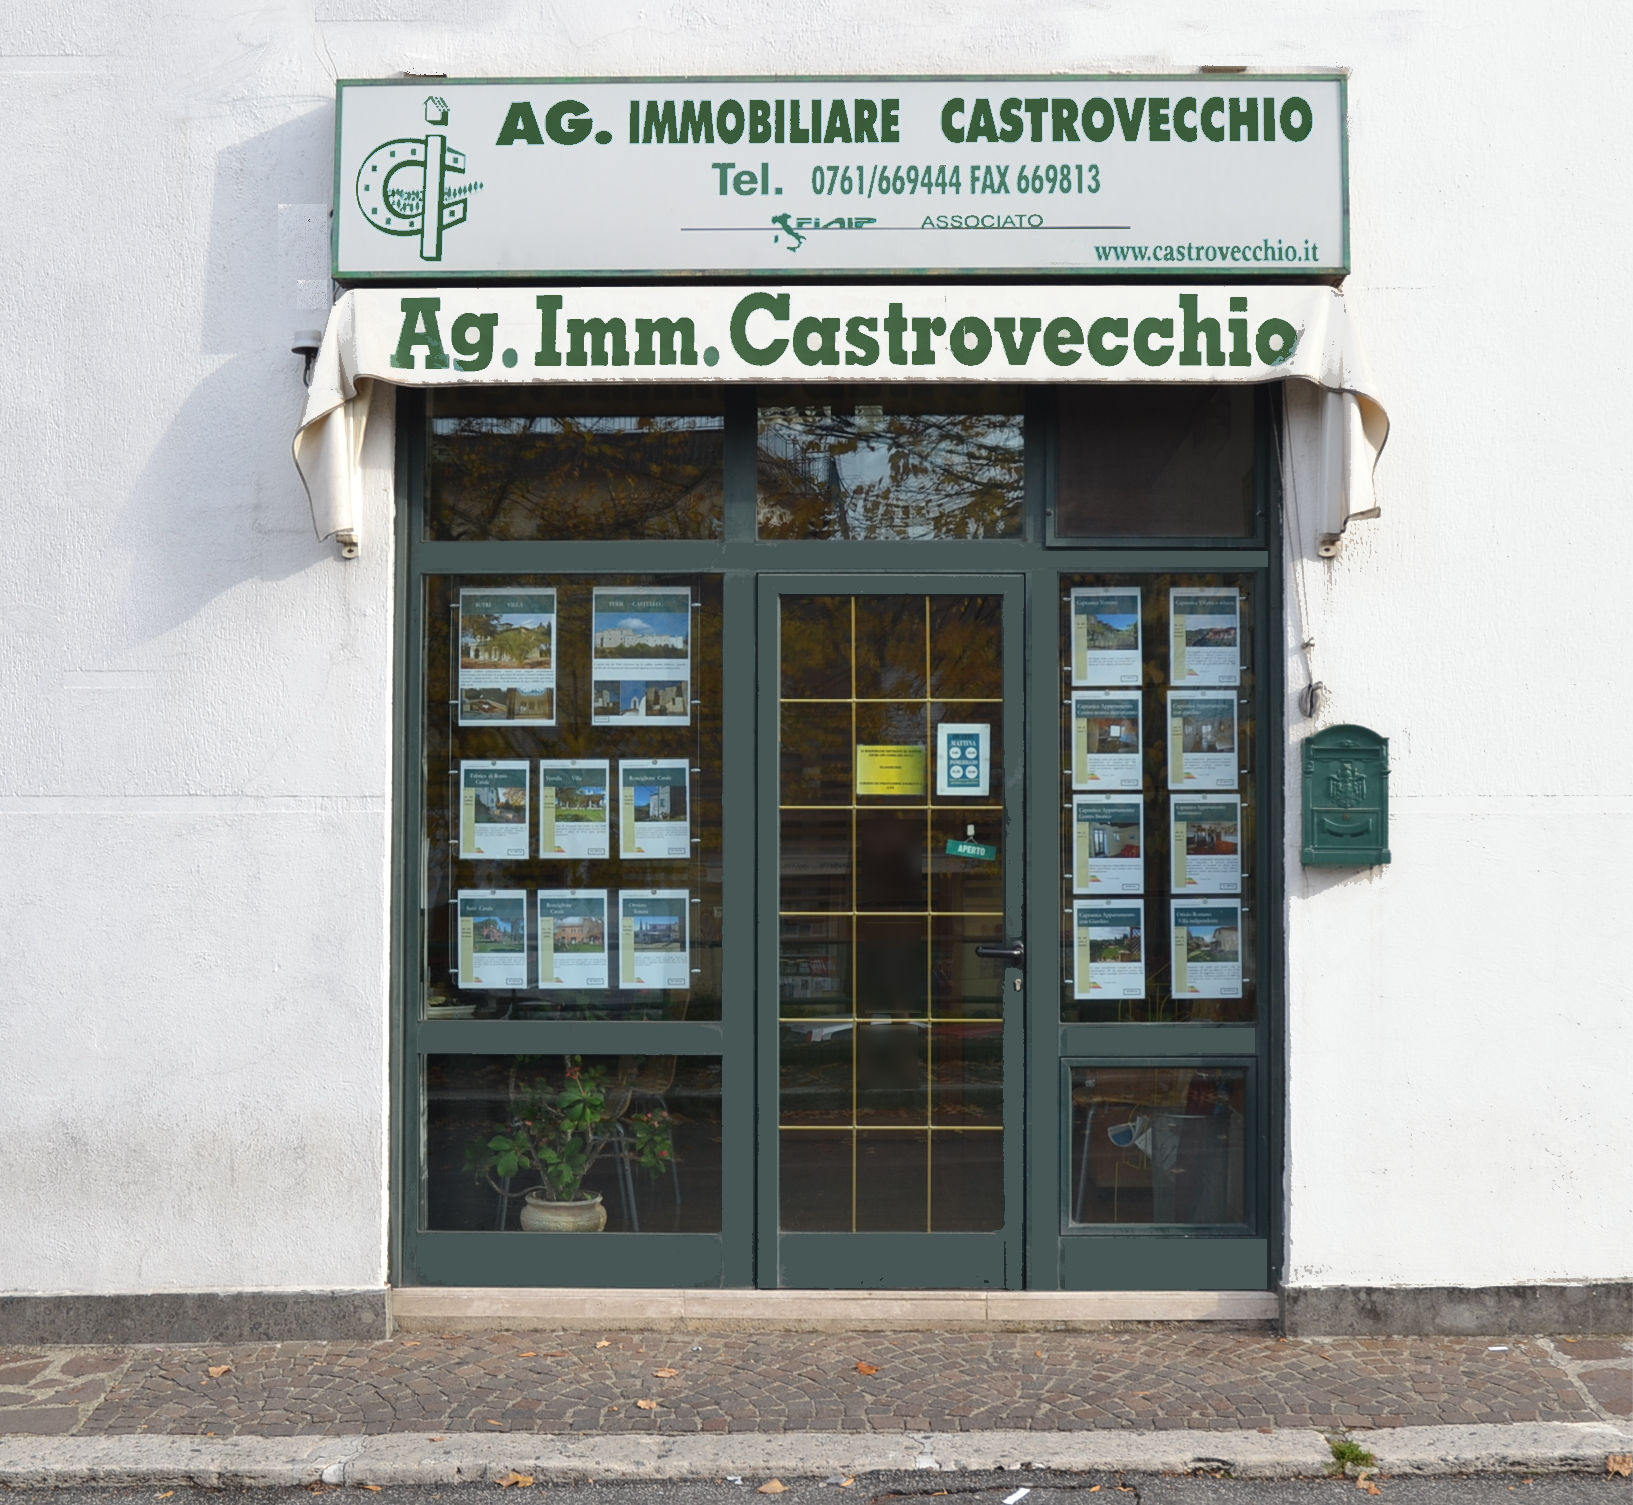 2015 Imm.Castrovecchio